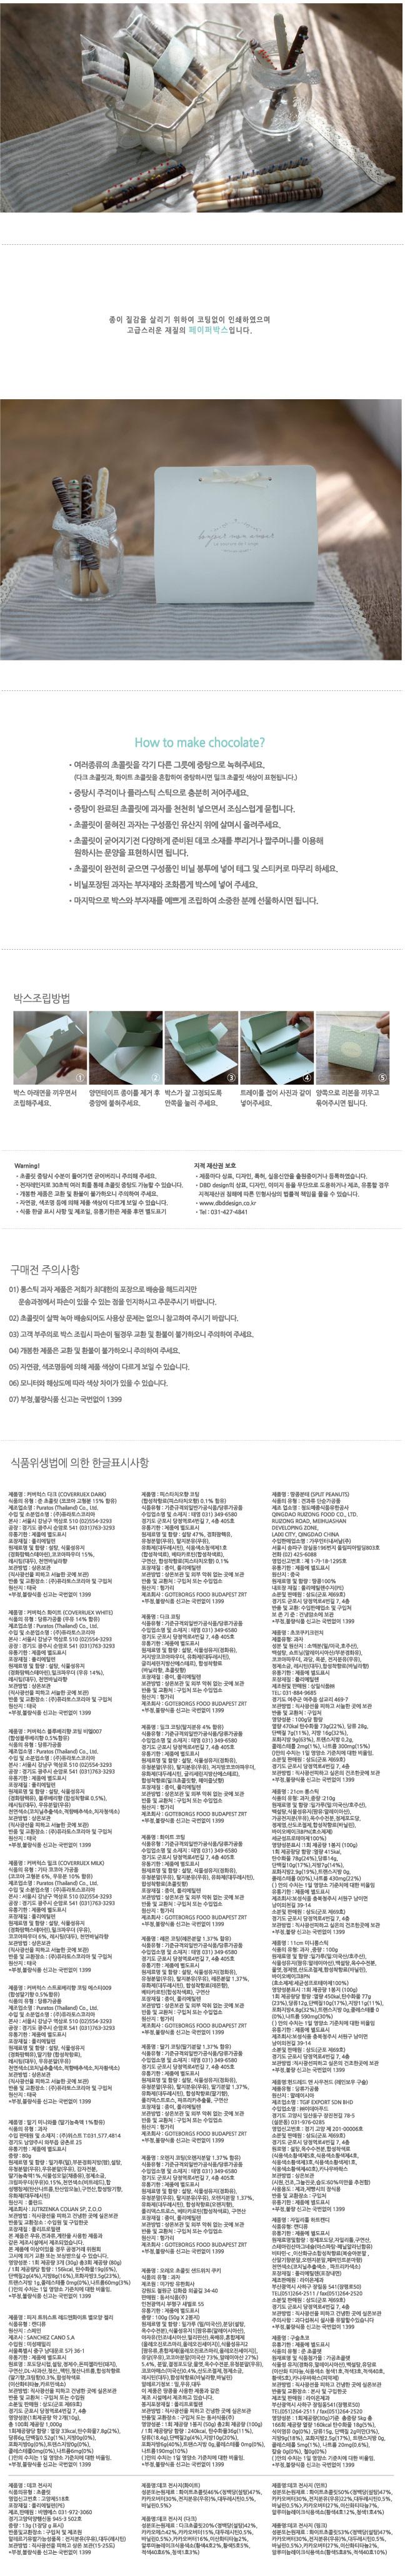 막대과자 만들기 세트 - Irene - 디비디, 23,000원, DIY세트, 초콜릿 만들기